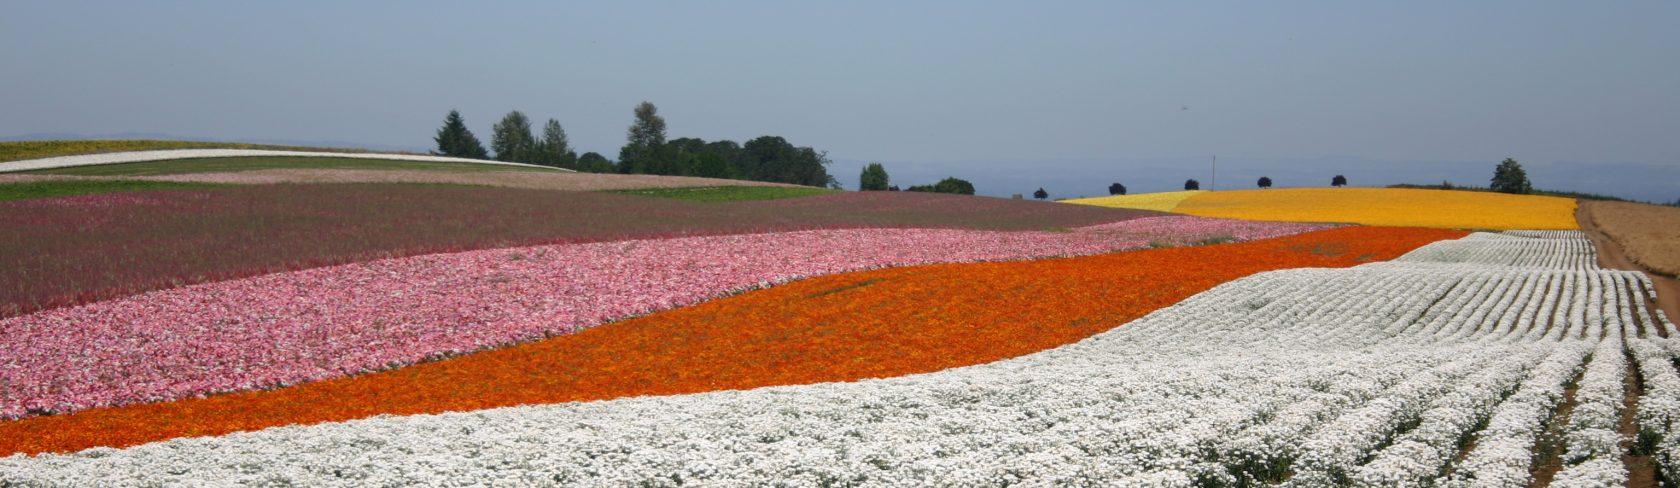 Flowers Verrier